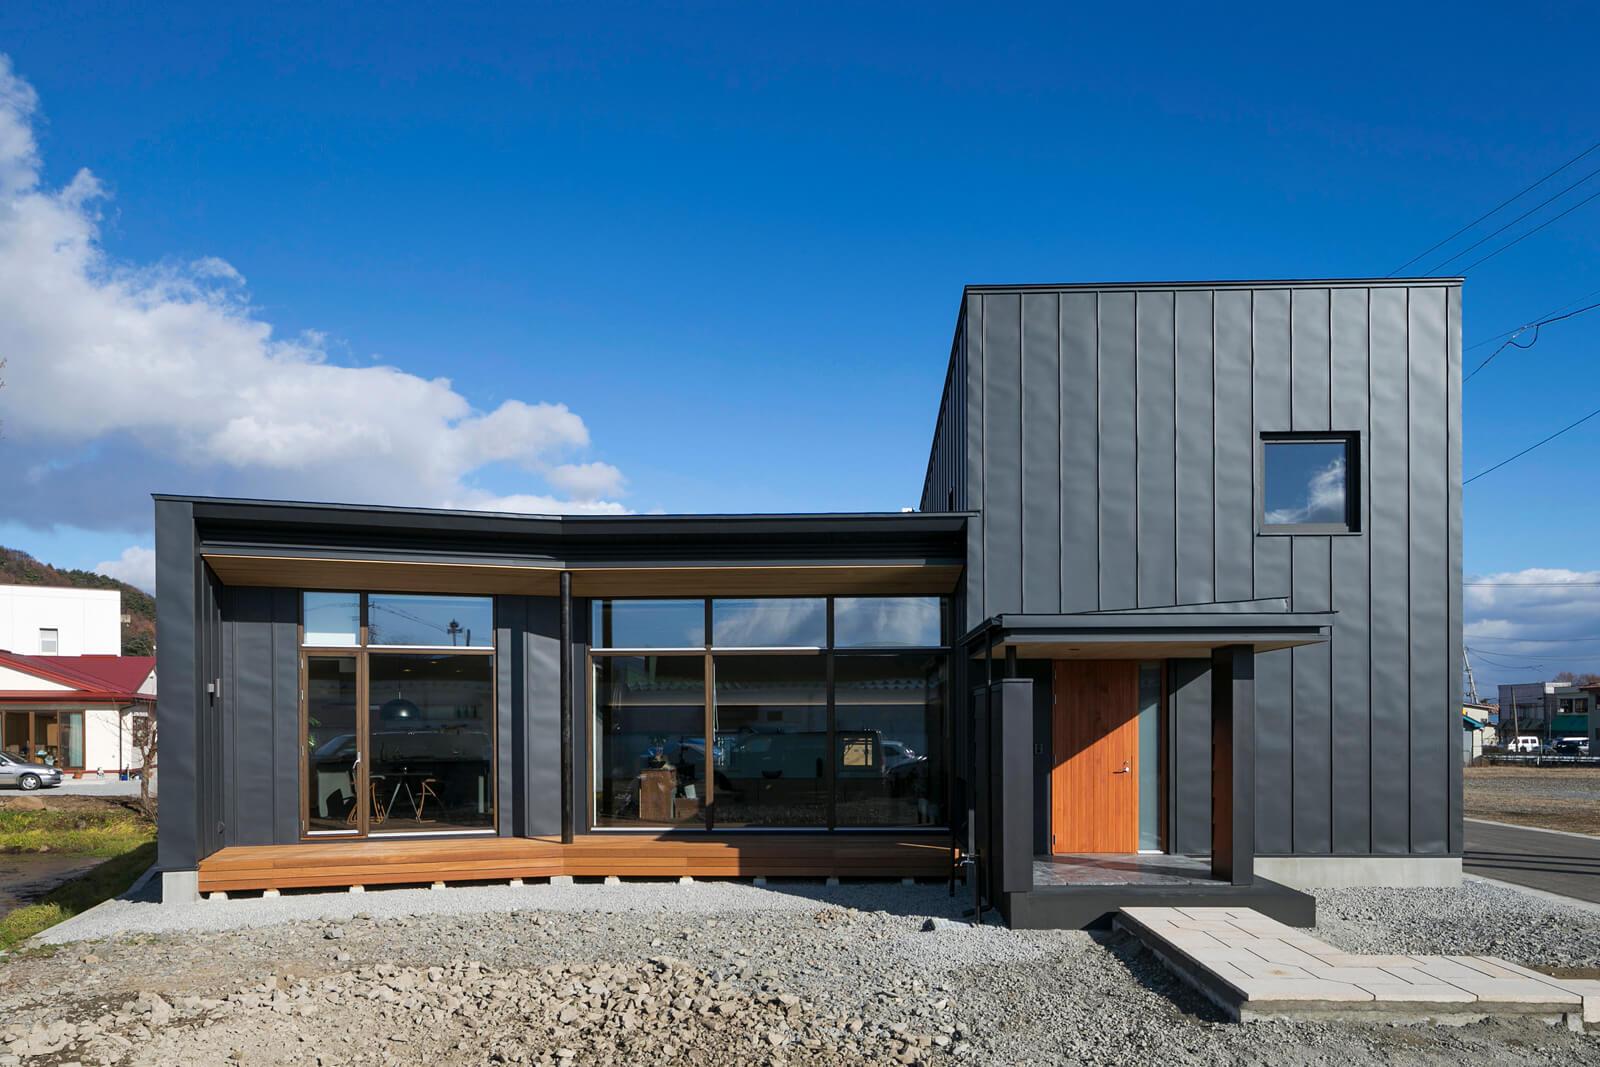 すっきりとした縦平葺きの黒ガルバリウムと大開口が特徴的外観デザイン。南面の連続サッシは、壁をすべて取り払ったかのような圧倒的な開放感